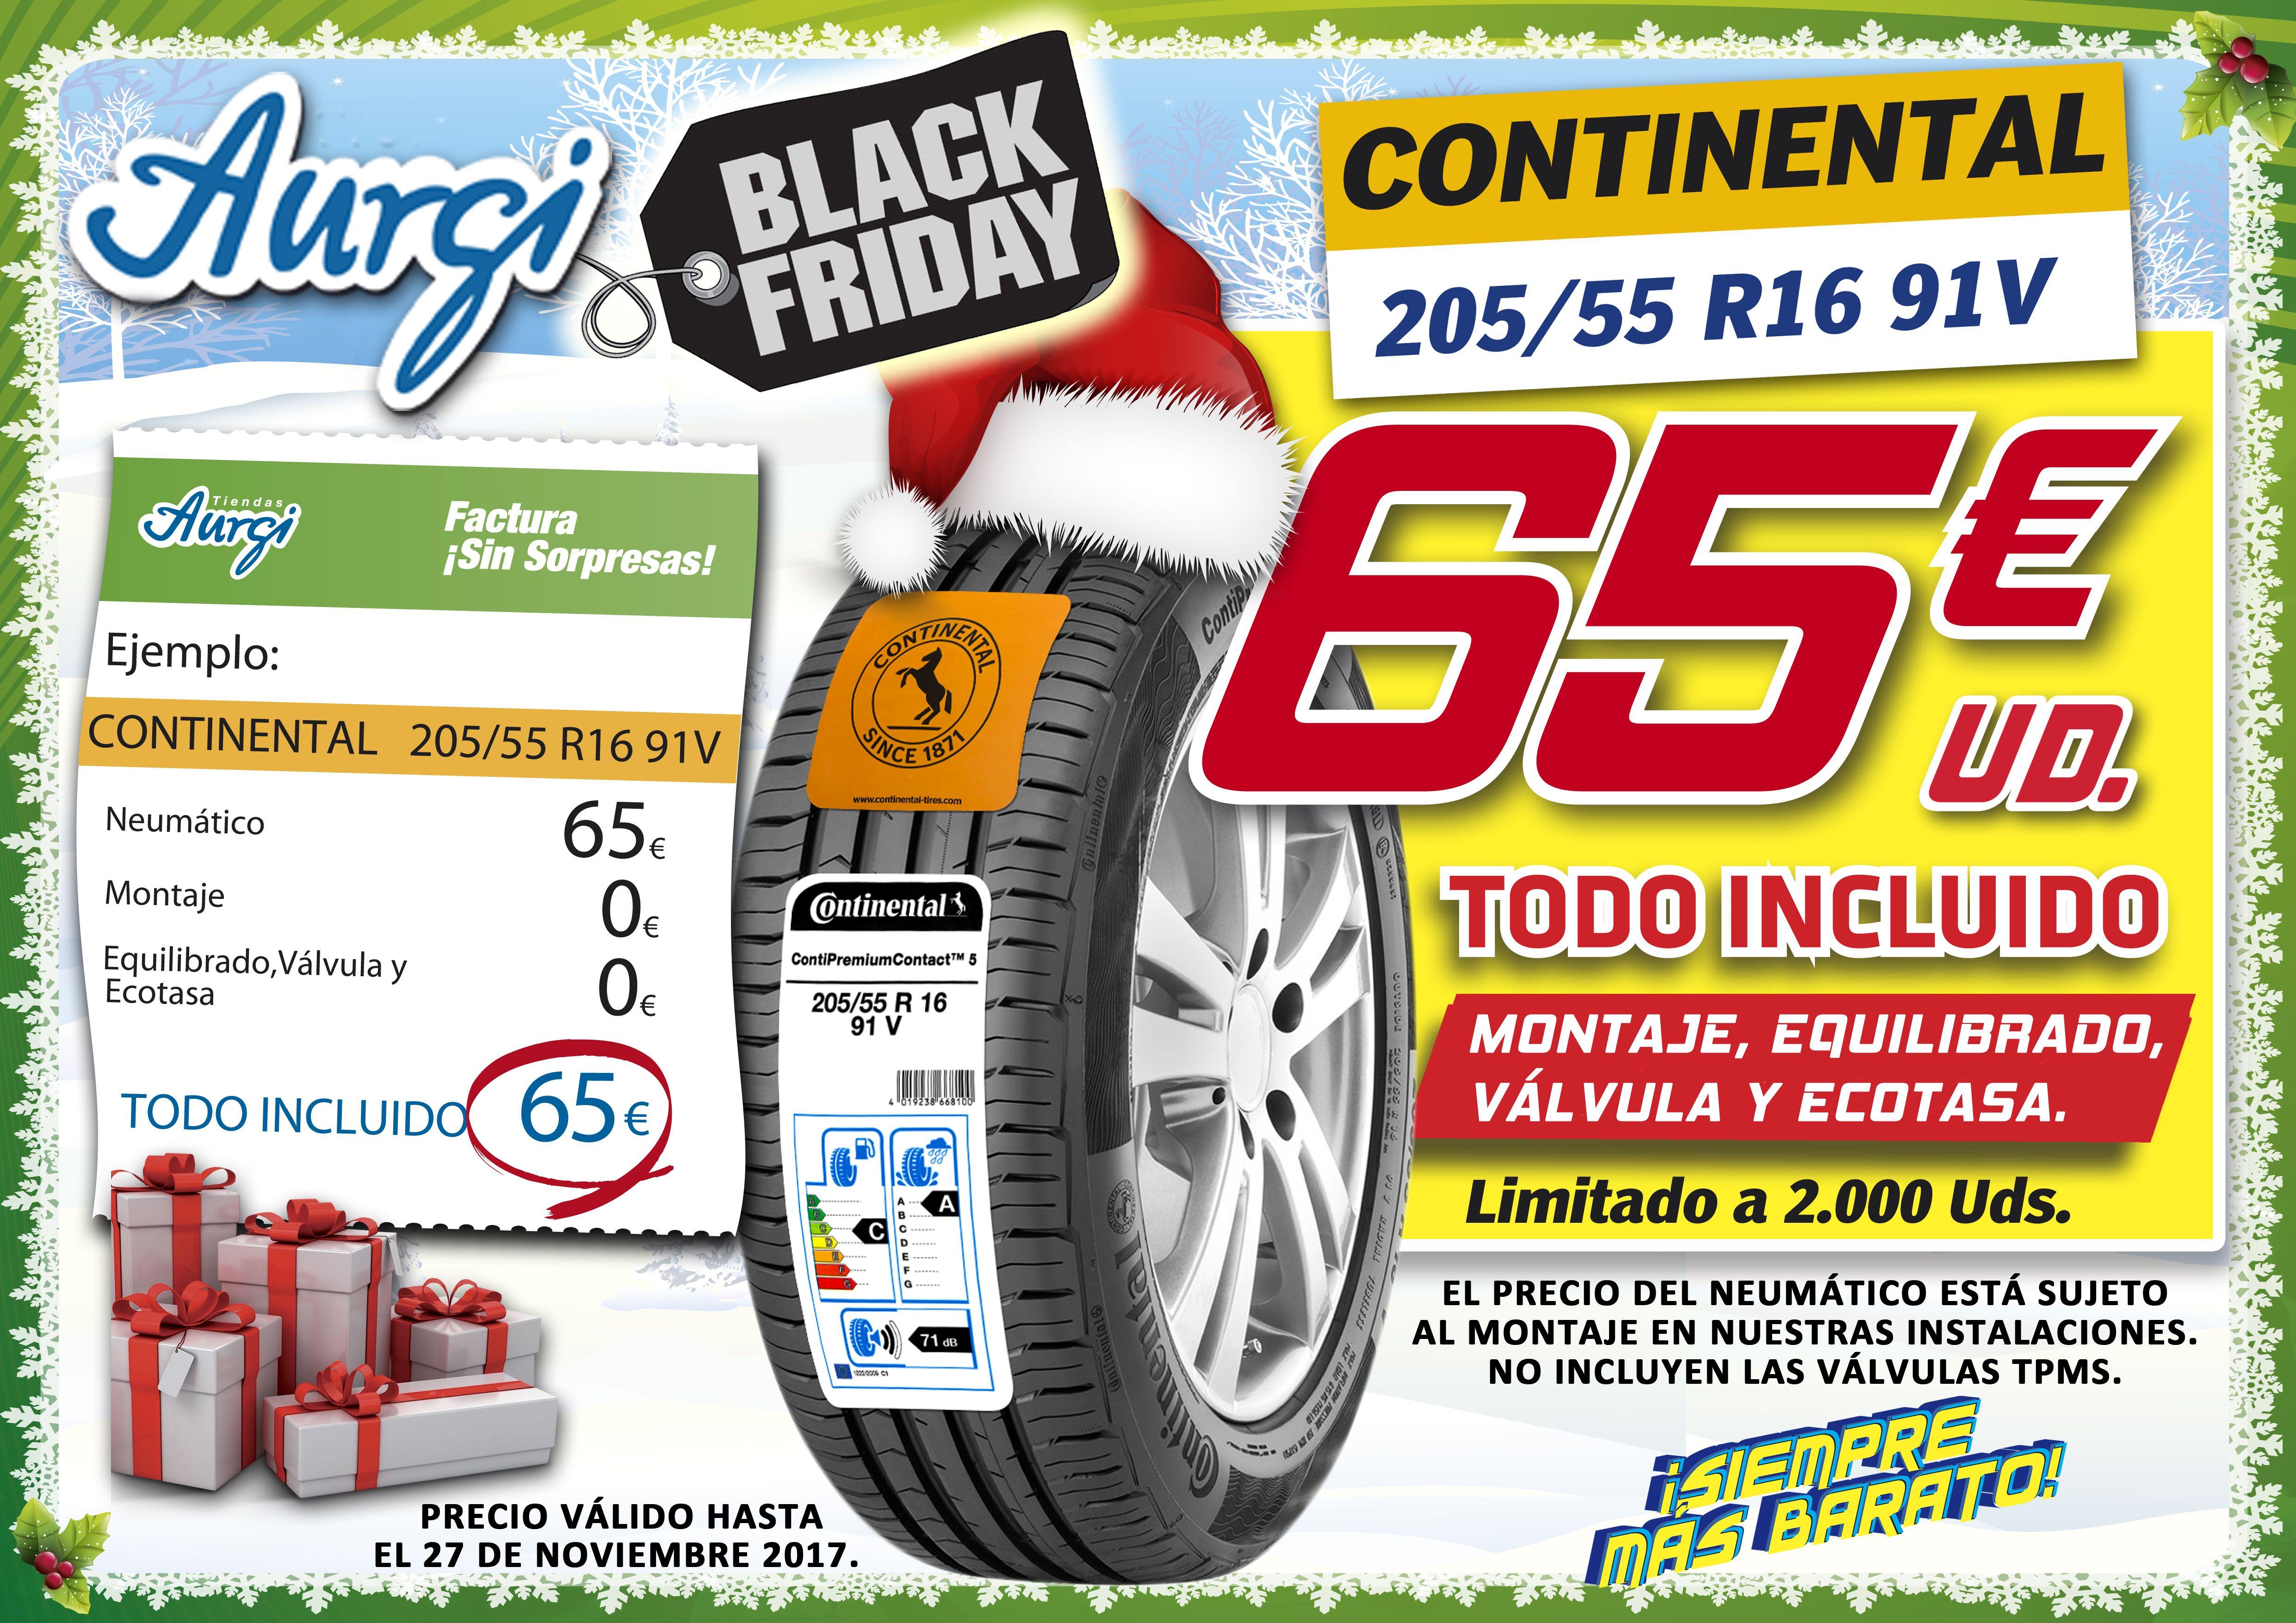 Oferta Aurgi Black Friday Neumatico Continental 205 55 R16 91v Al